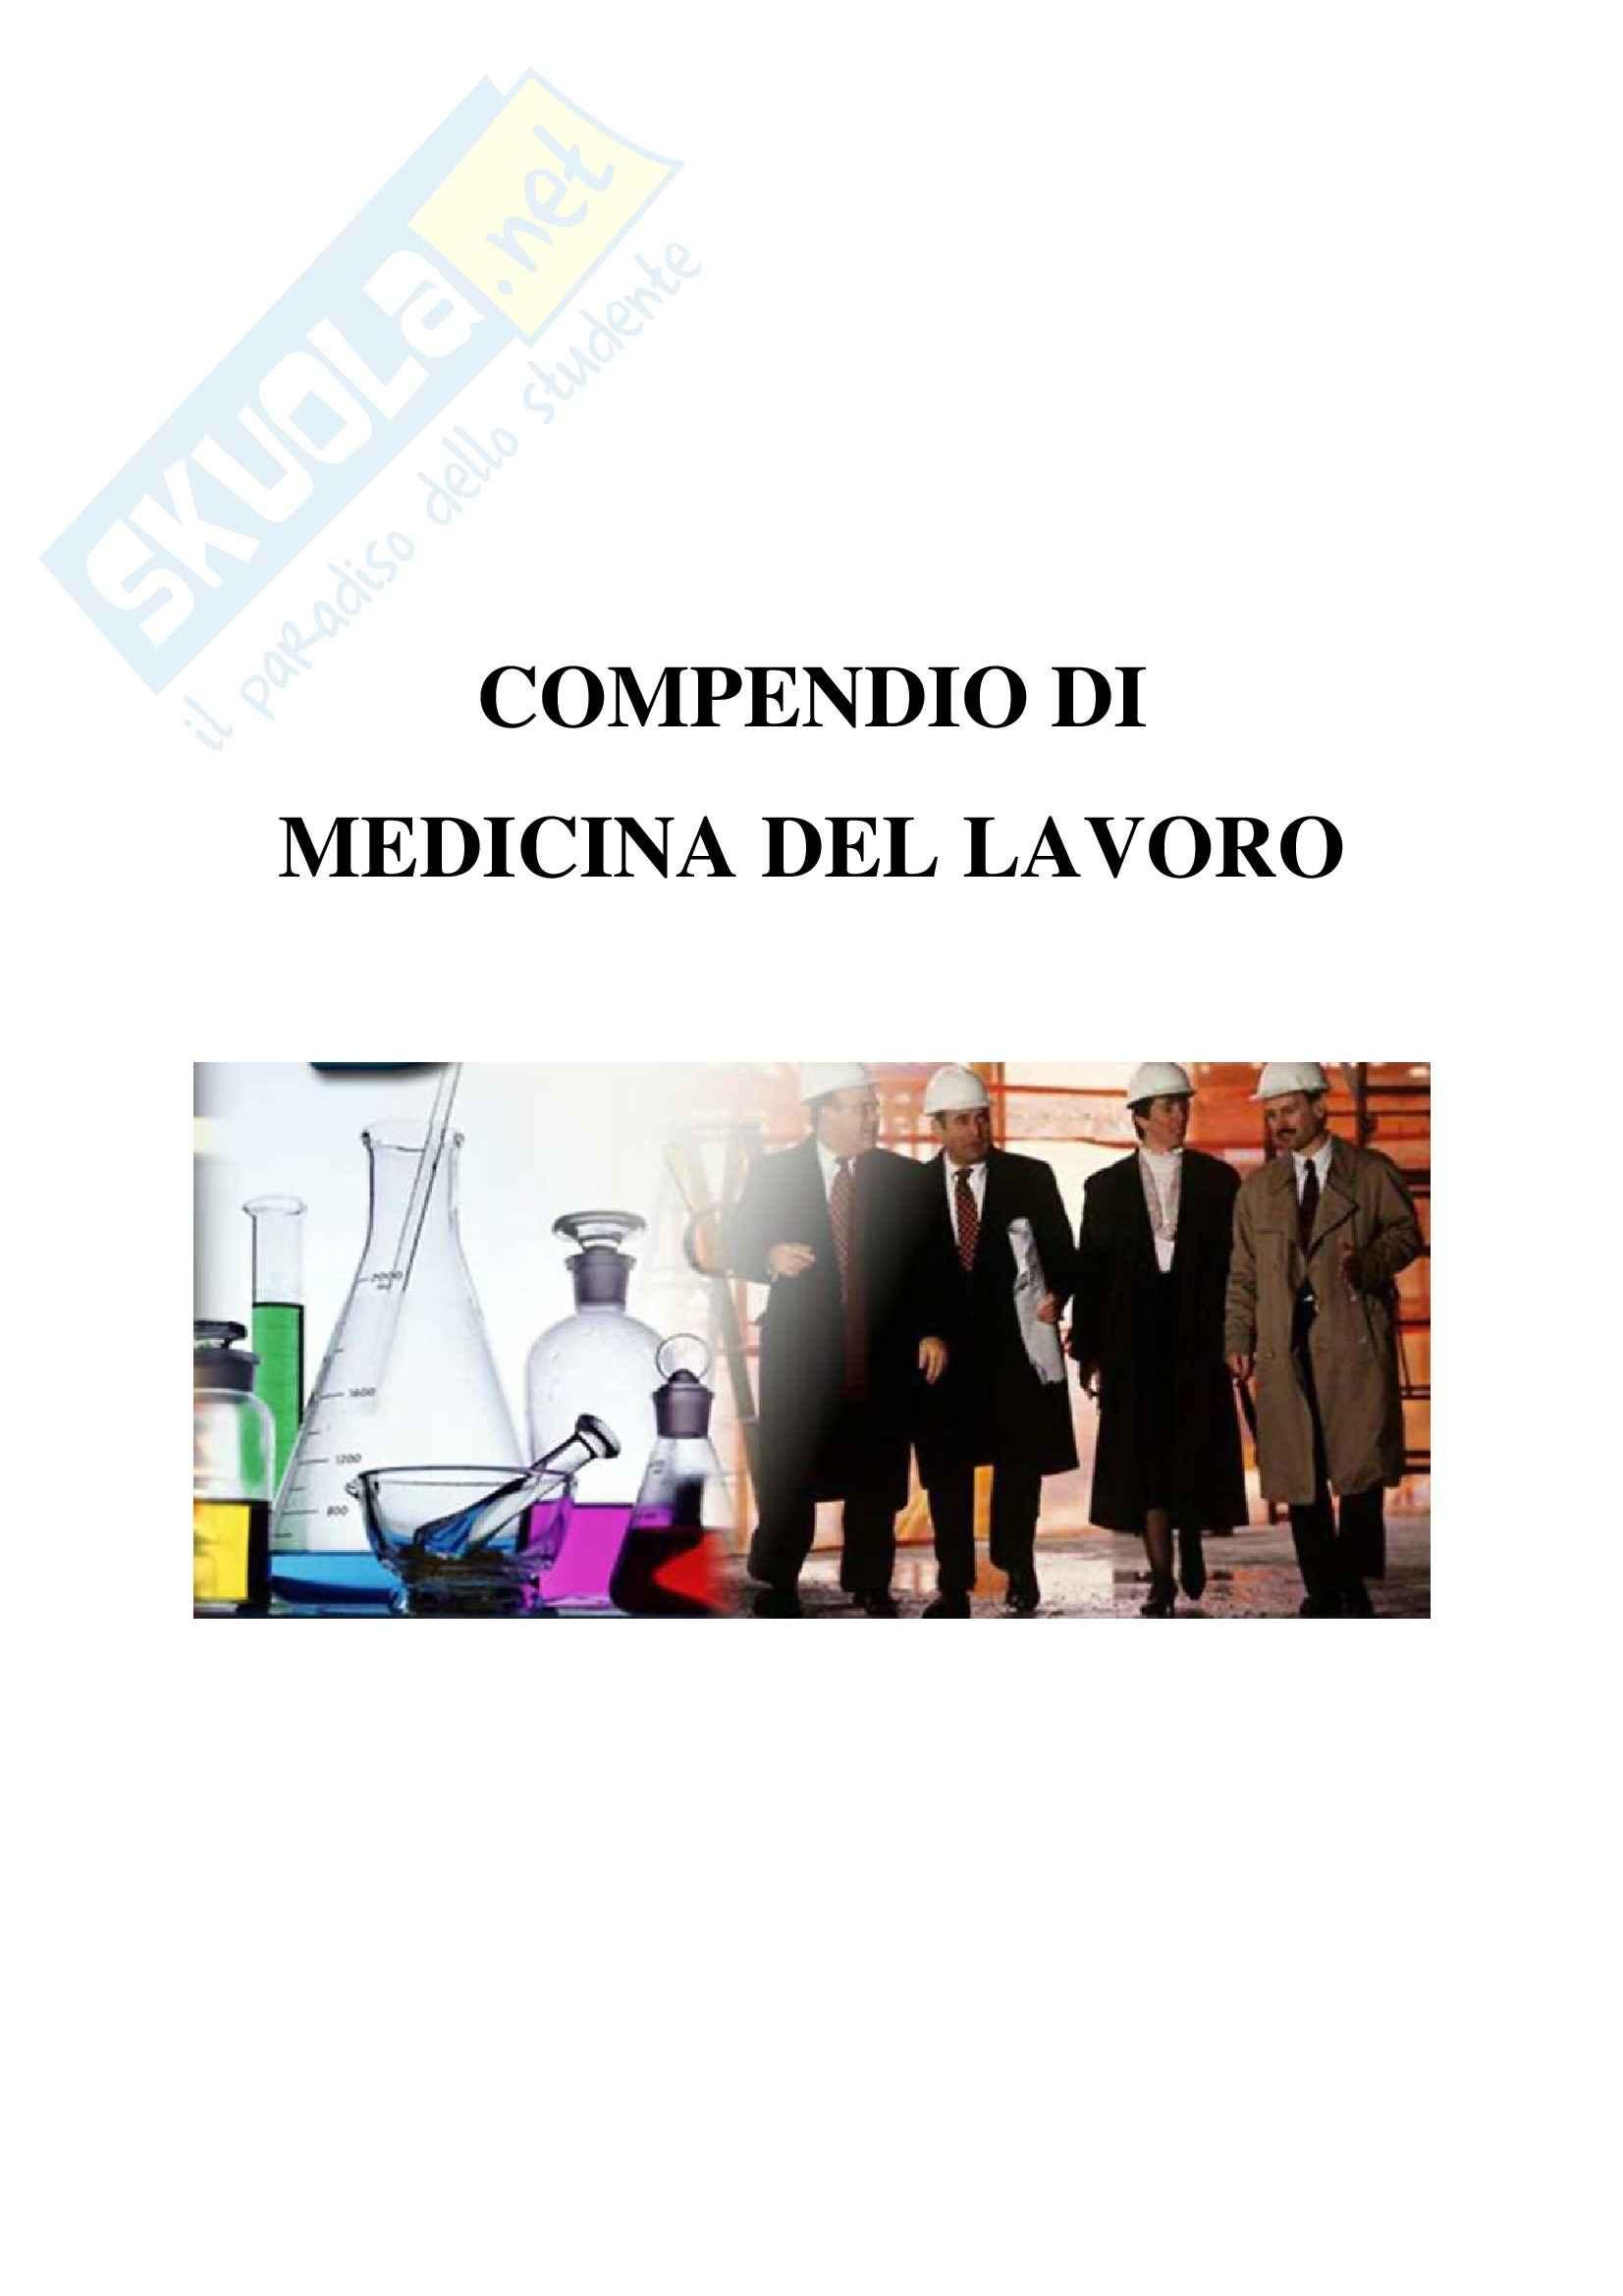 Medicina del lavoro – Compendio